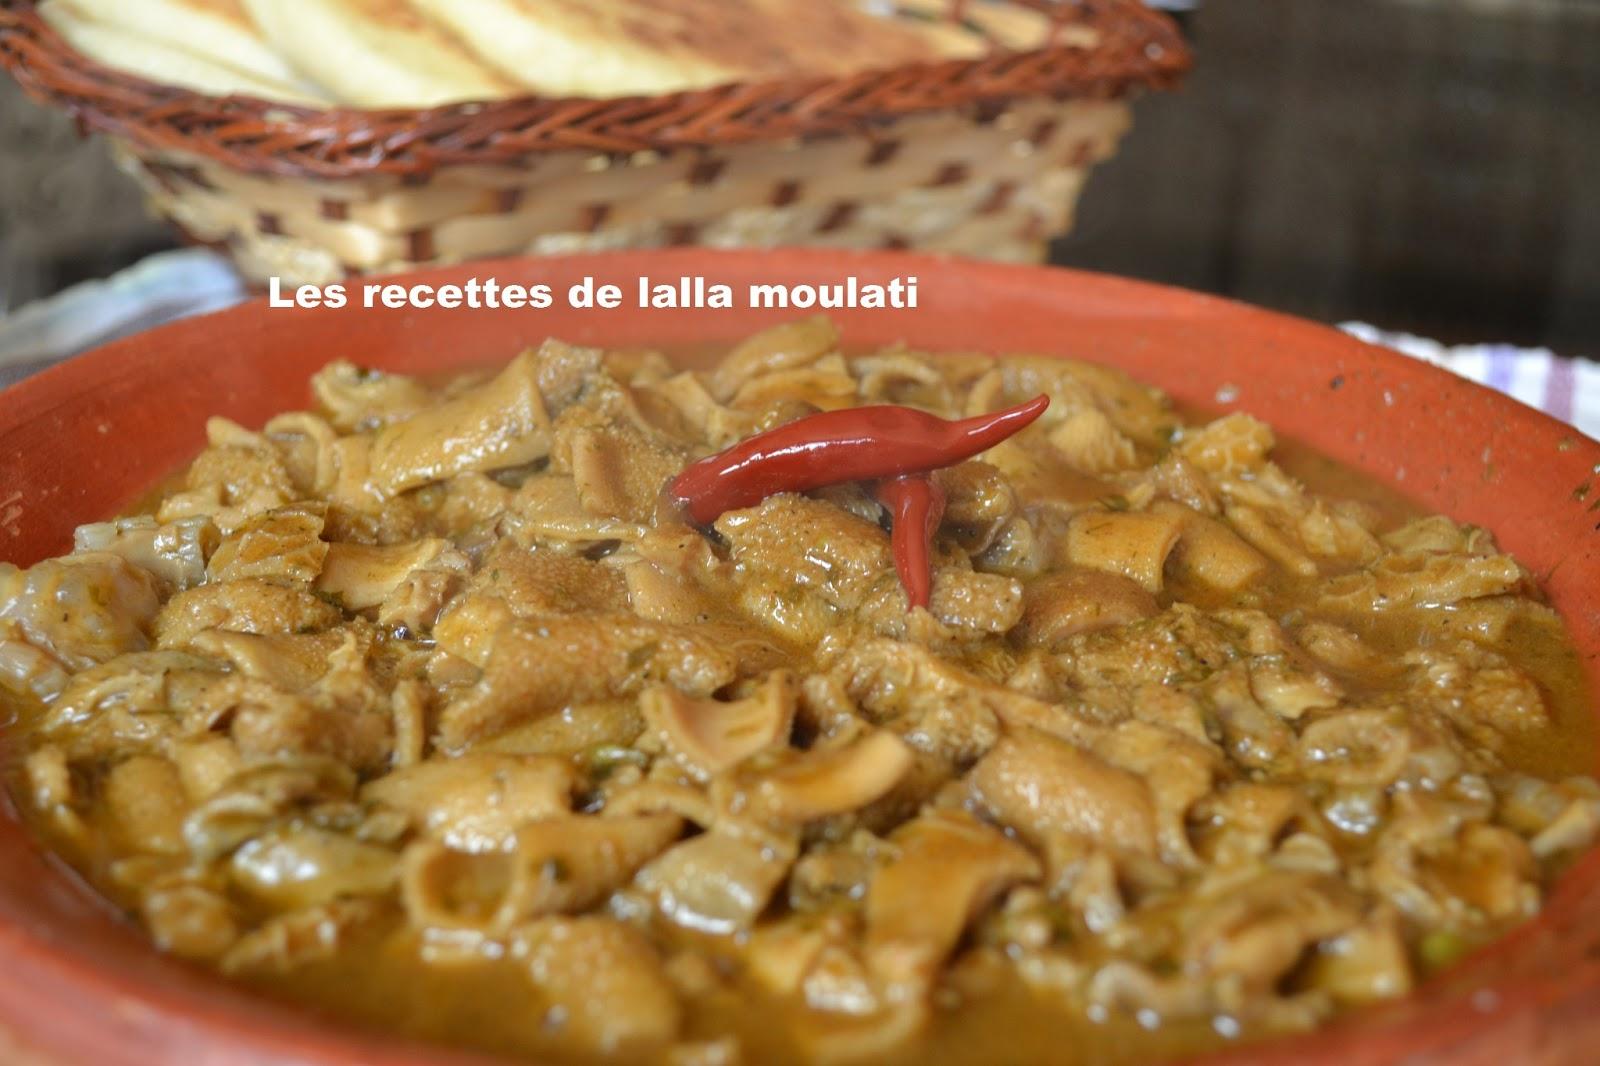 kercha  recettes  Blogs de cuisine